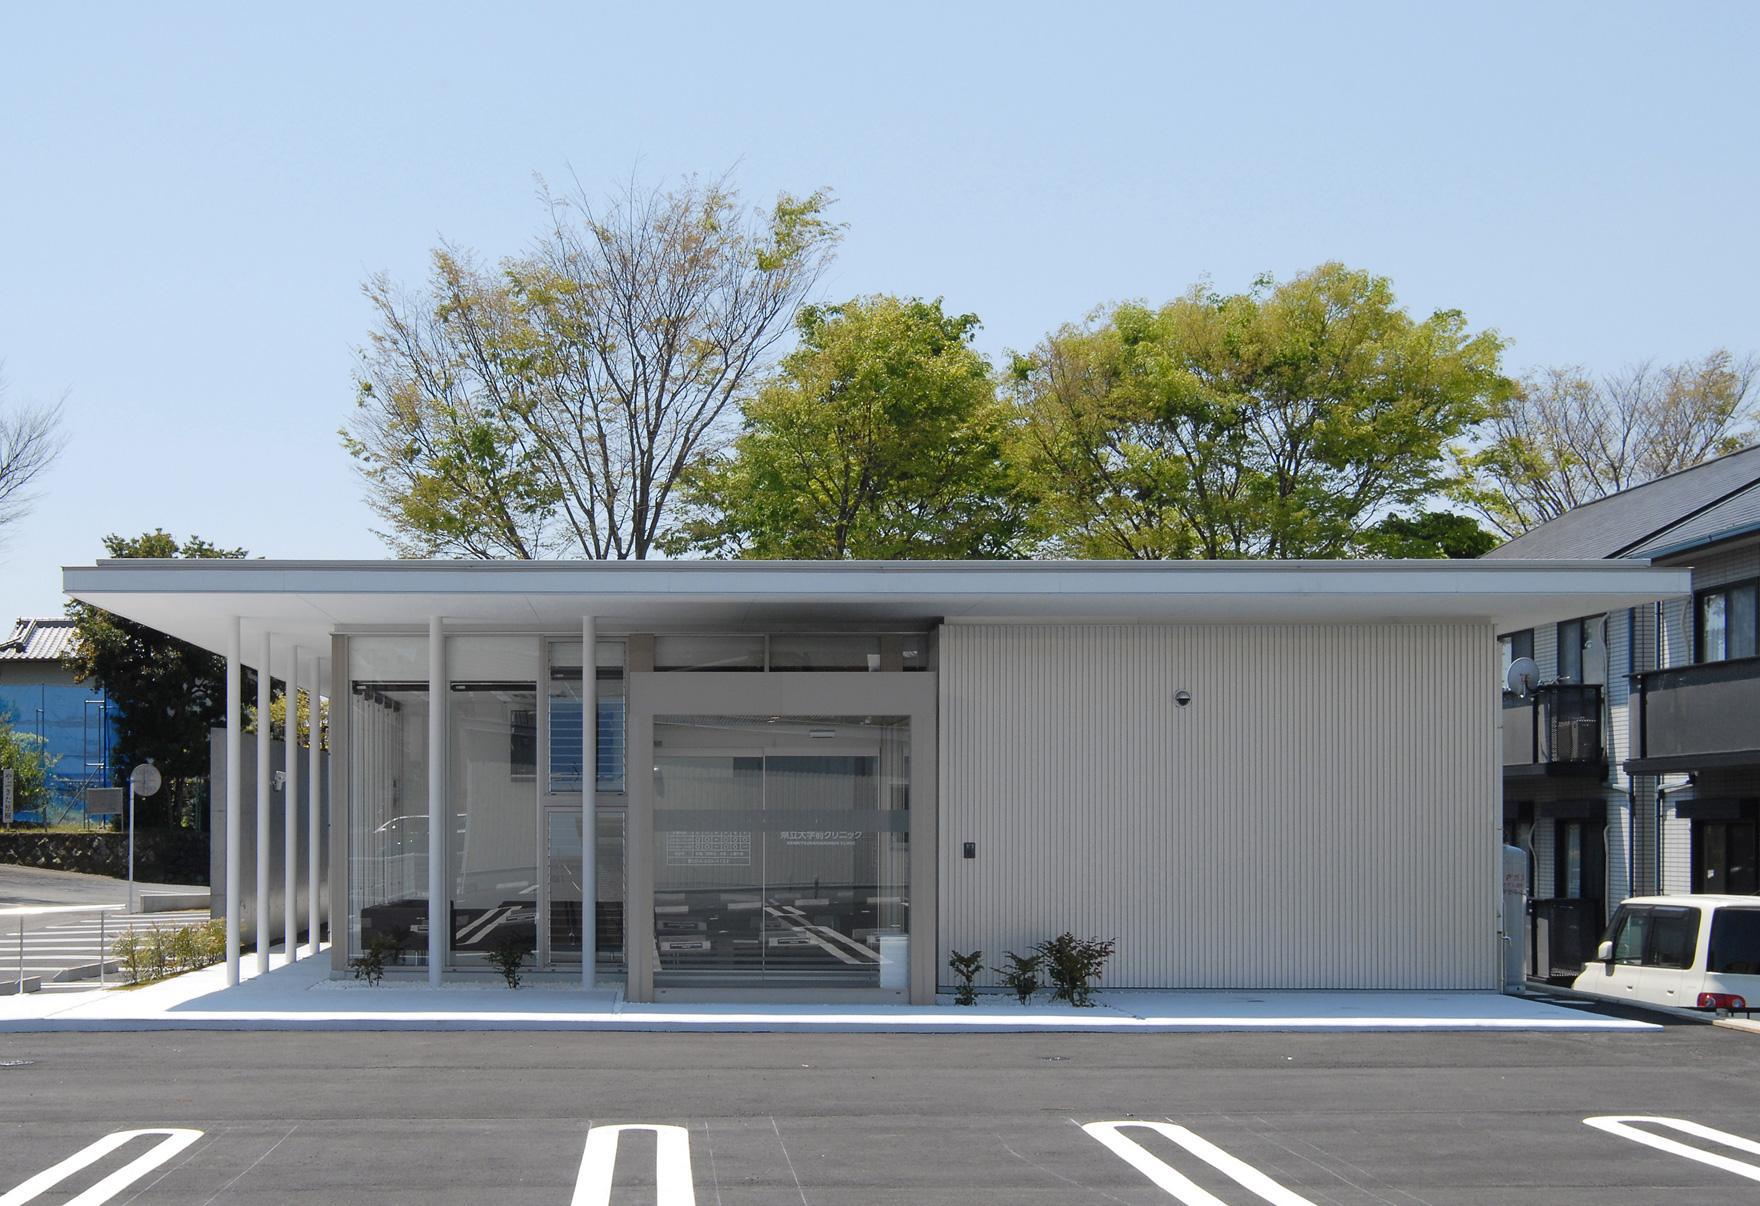 県立大学前クリニック~低く構えた シンプルなクリニック~の写真 エントランス外観